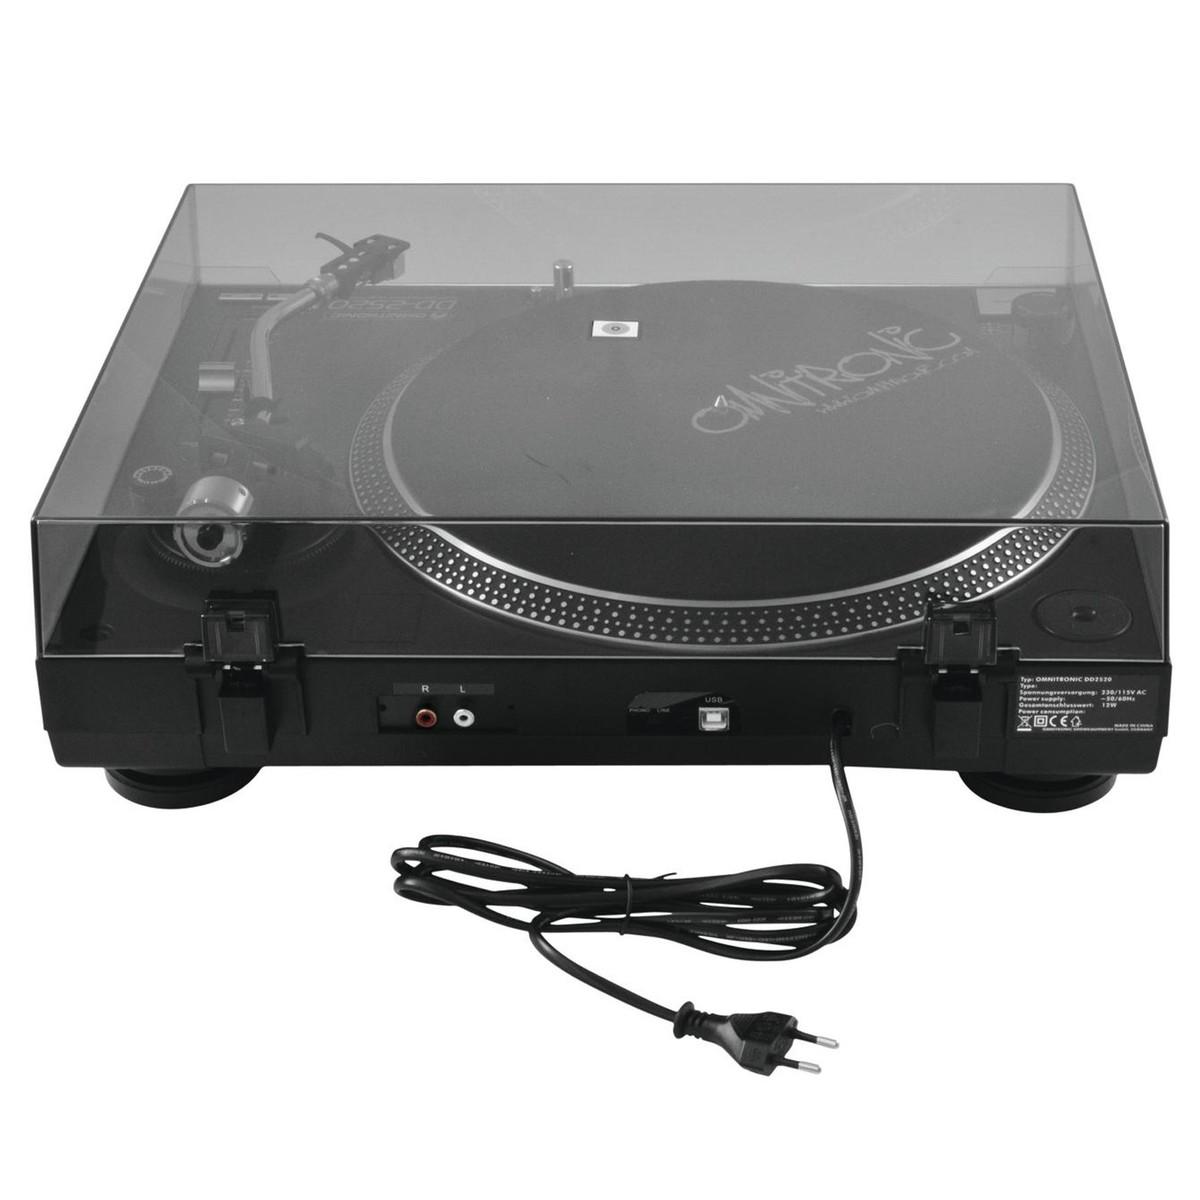 OMNITRONIC DD-2520 USB BLACK GIRADISCHI PER DJ TRAZIONE DIRETTA NERO 3